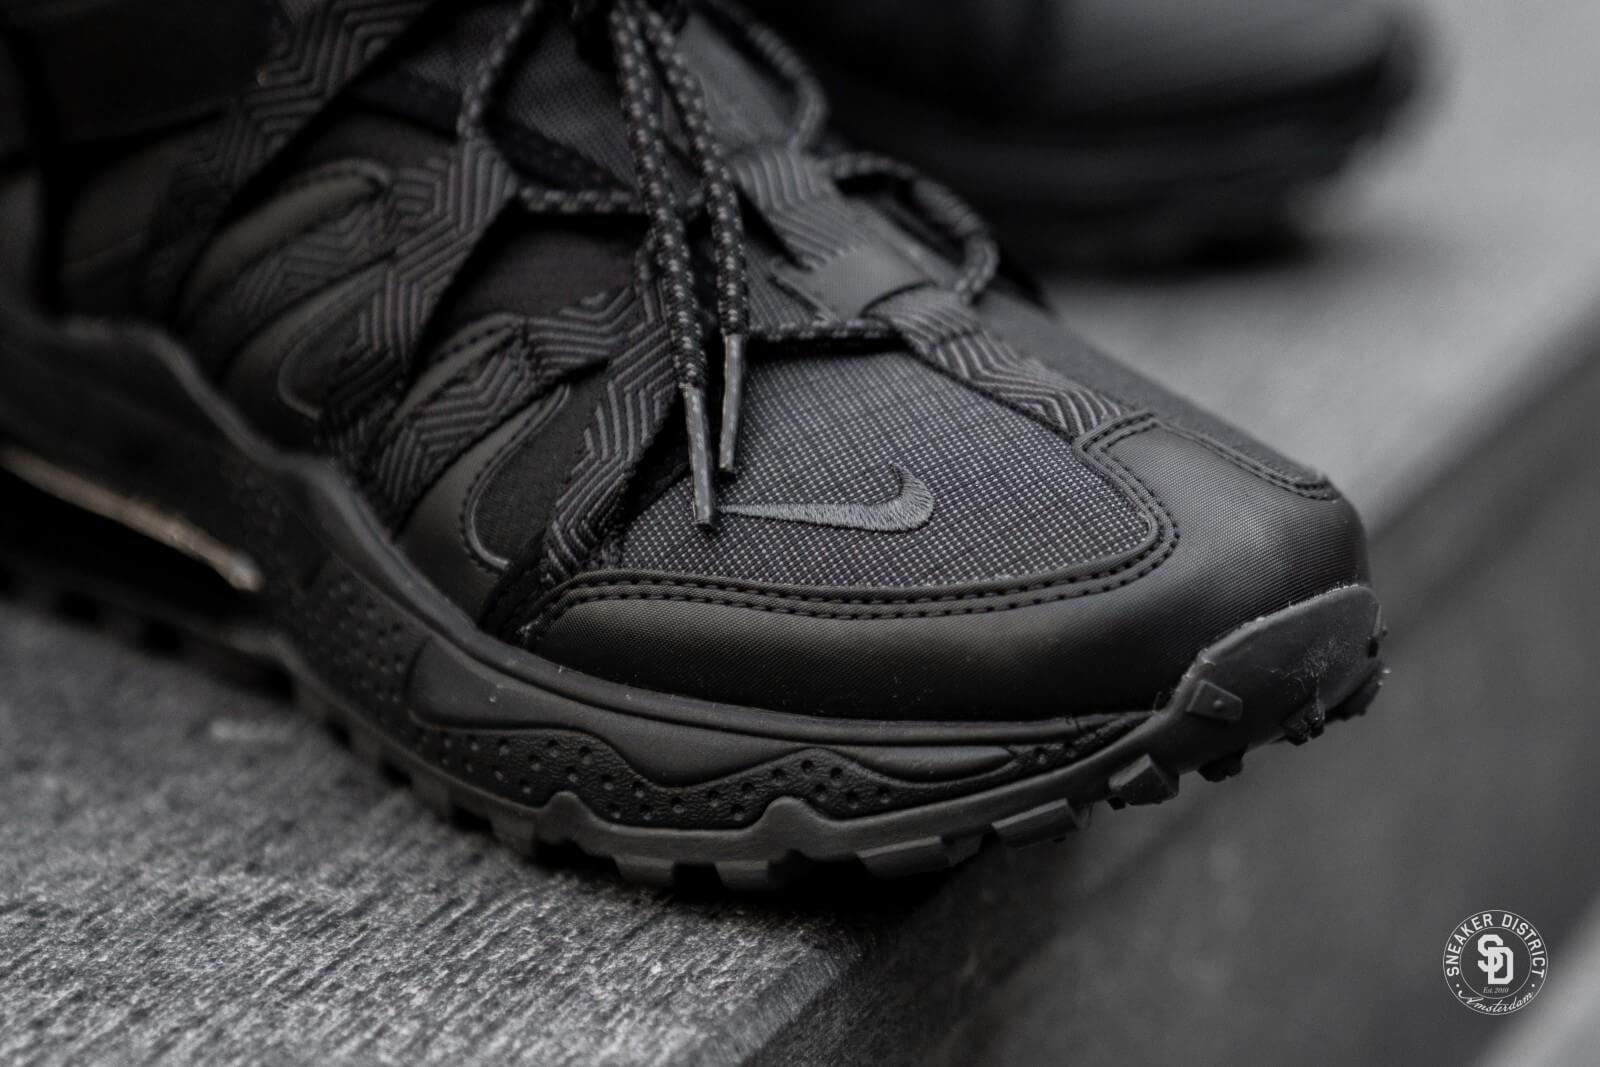 Nike Air Max 270 Bowfin BlackAnthracite Black AJ7200 005